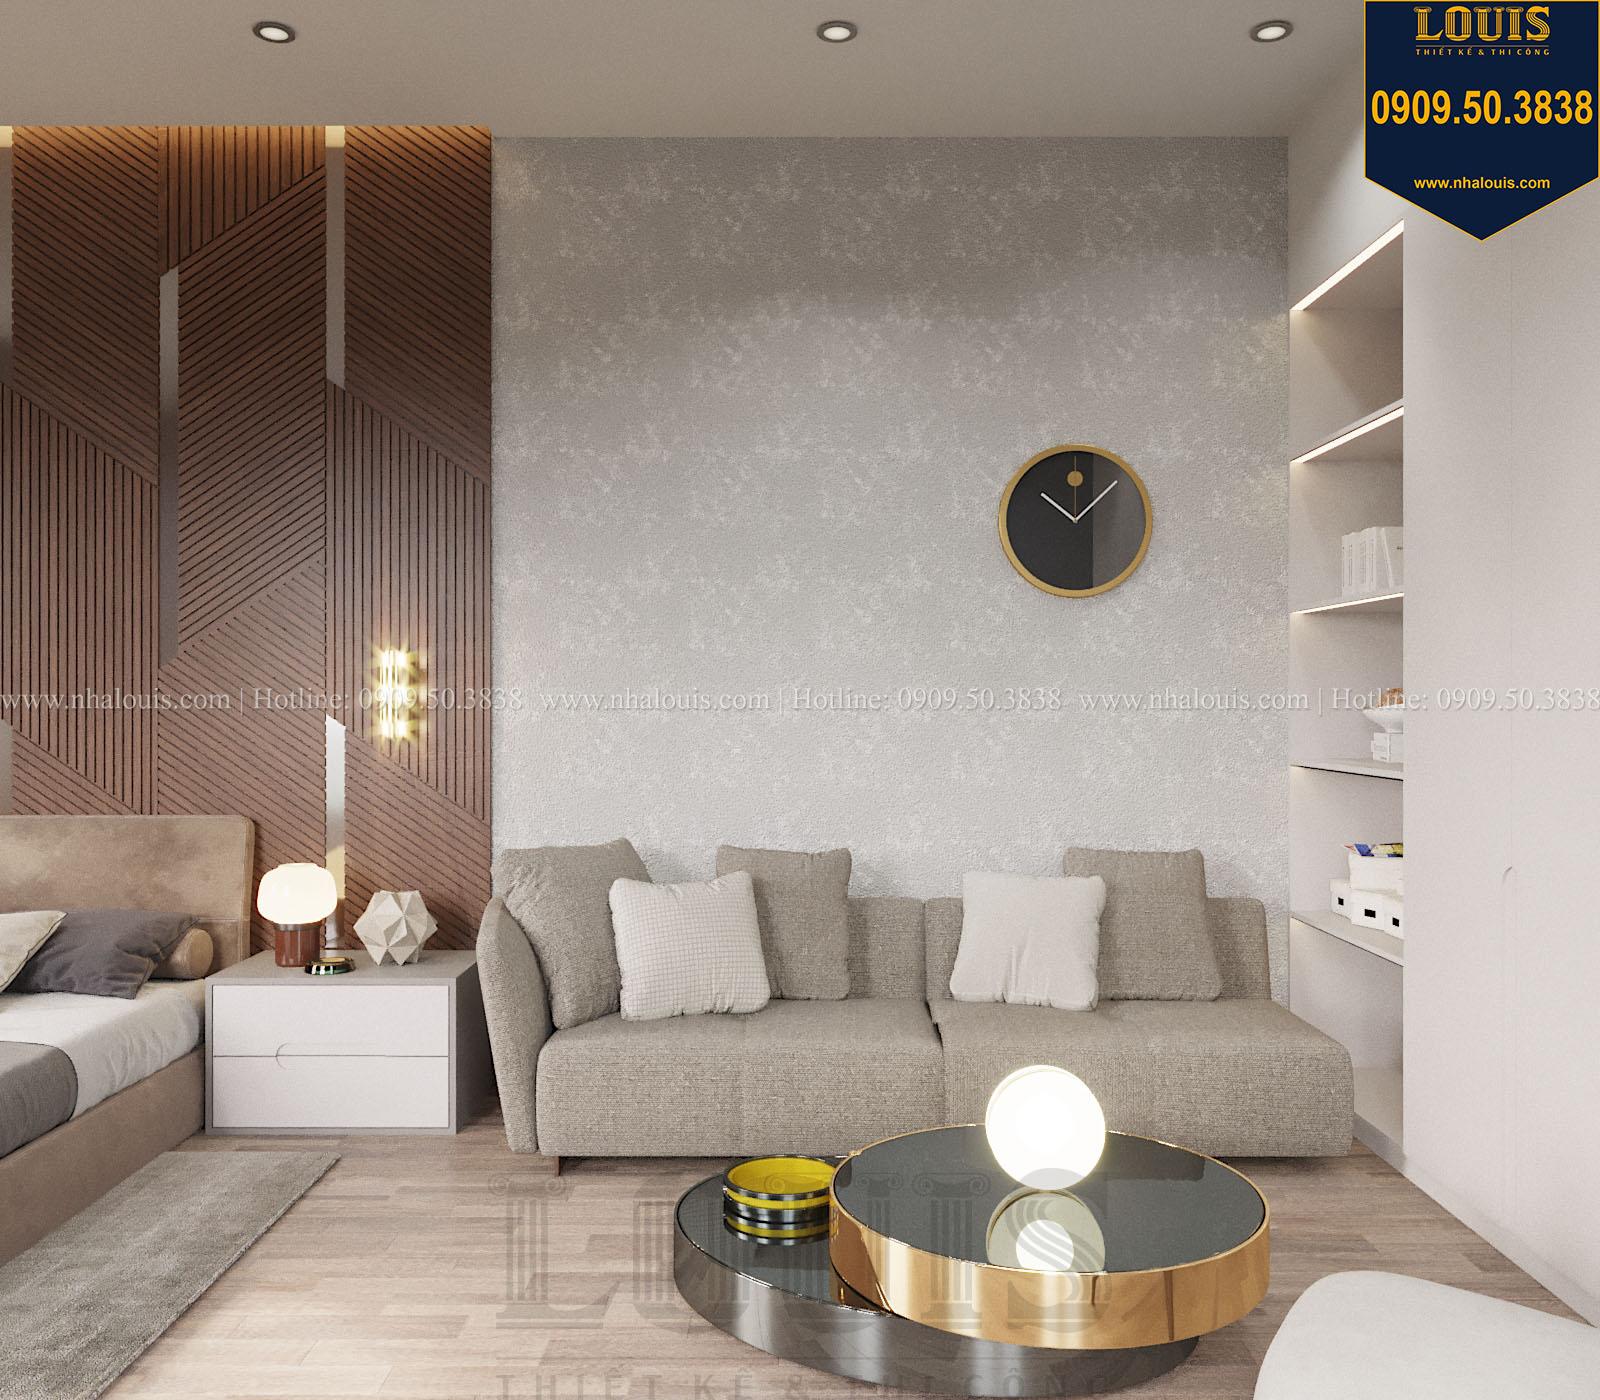 Phong cách nội thất Ý và những đặc trưng riêng biệt